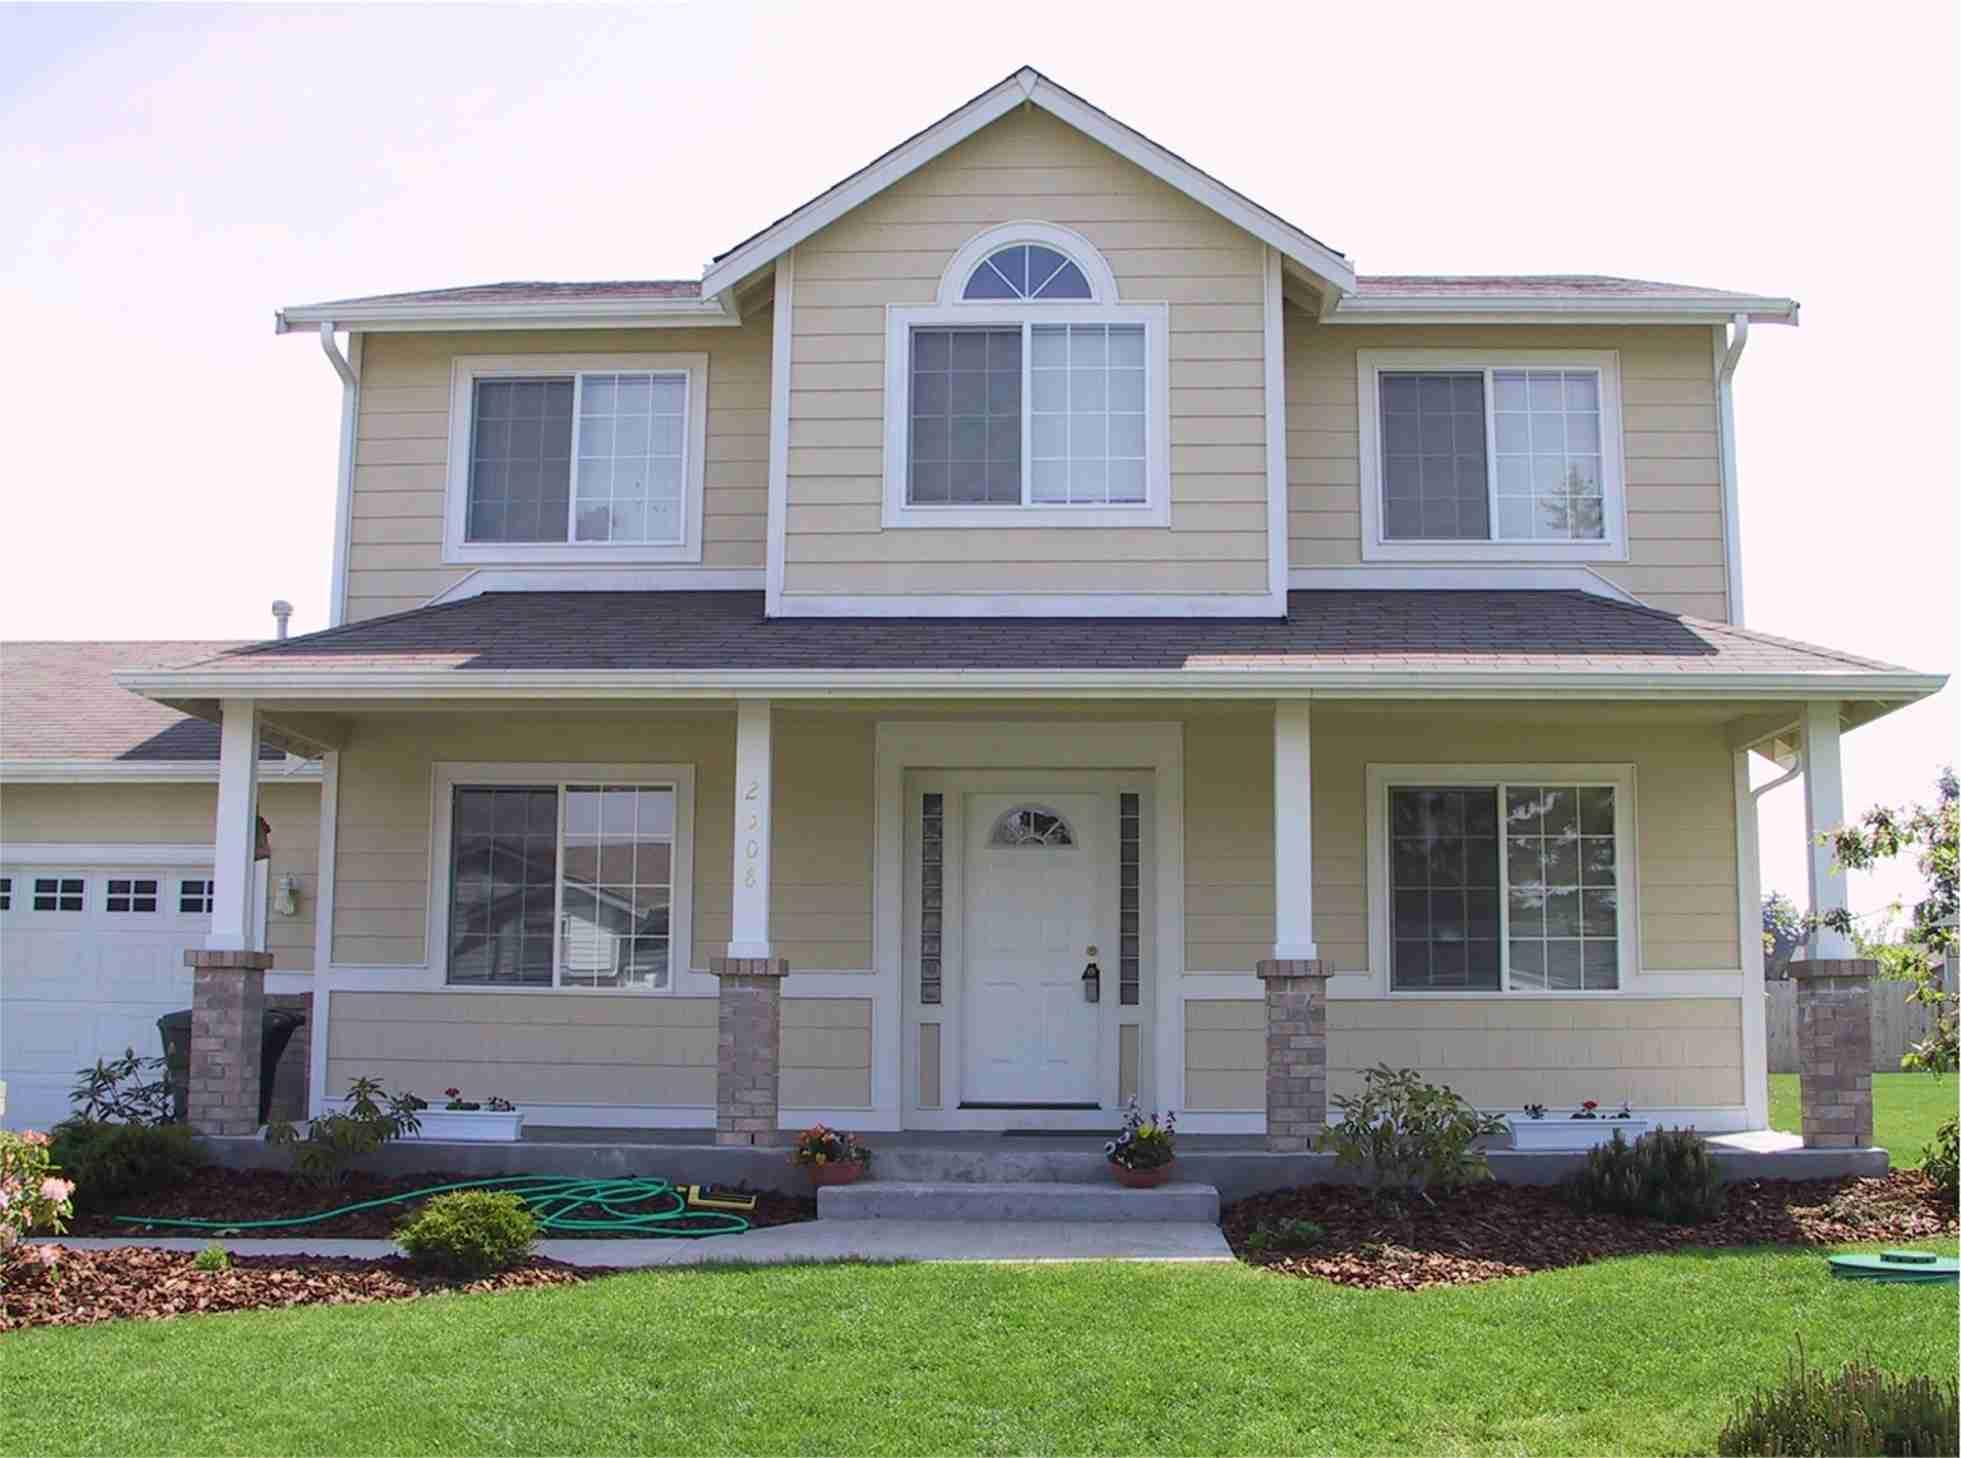 بالصور صور منزل , صور اجمل المنازل 3451 3